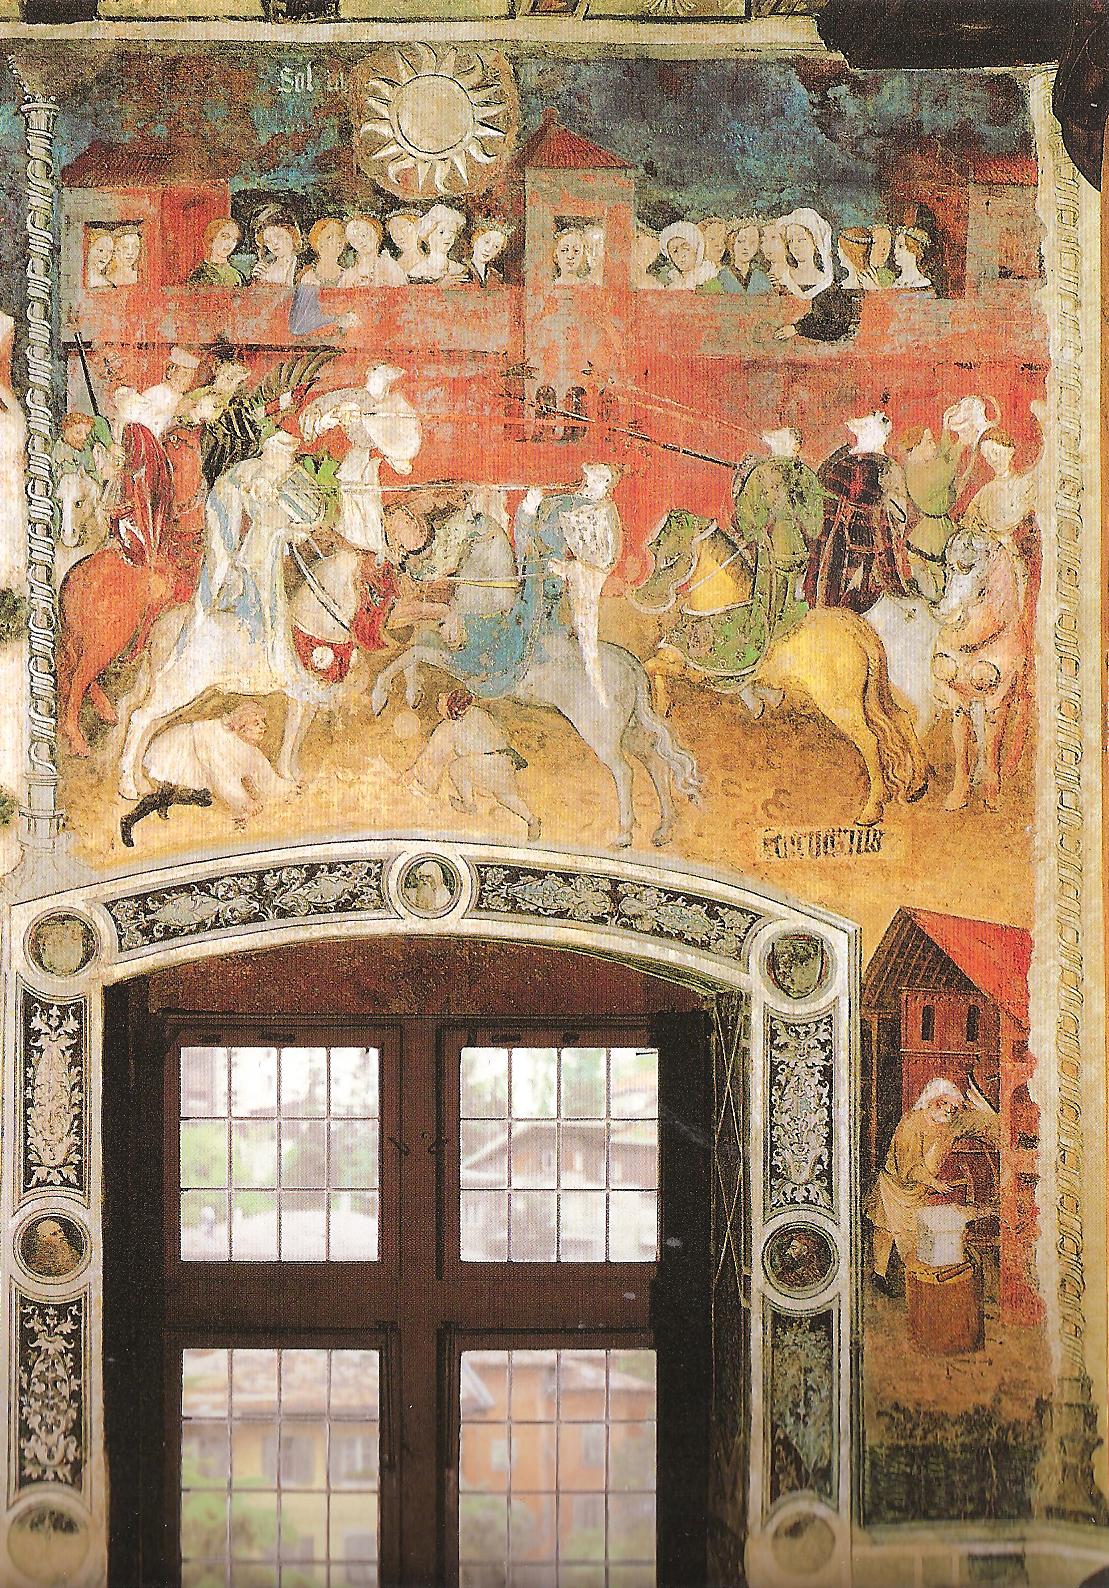 Senza dedica il ciclo dei mesi di torre aquila a trento - Epatite c periodo finestra ...